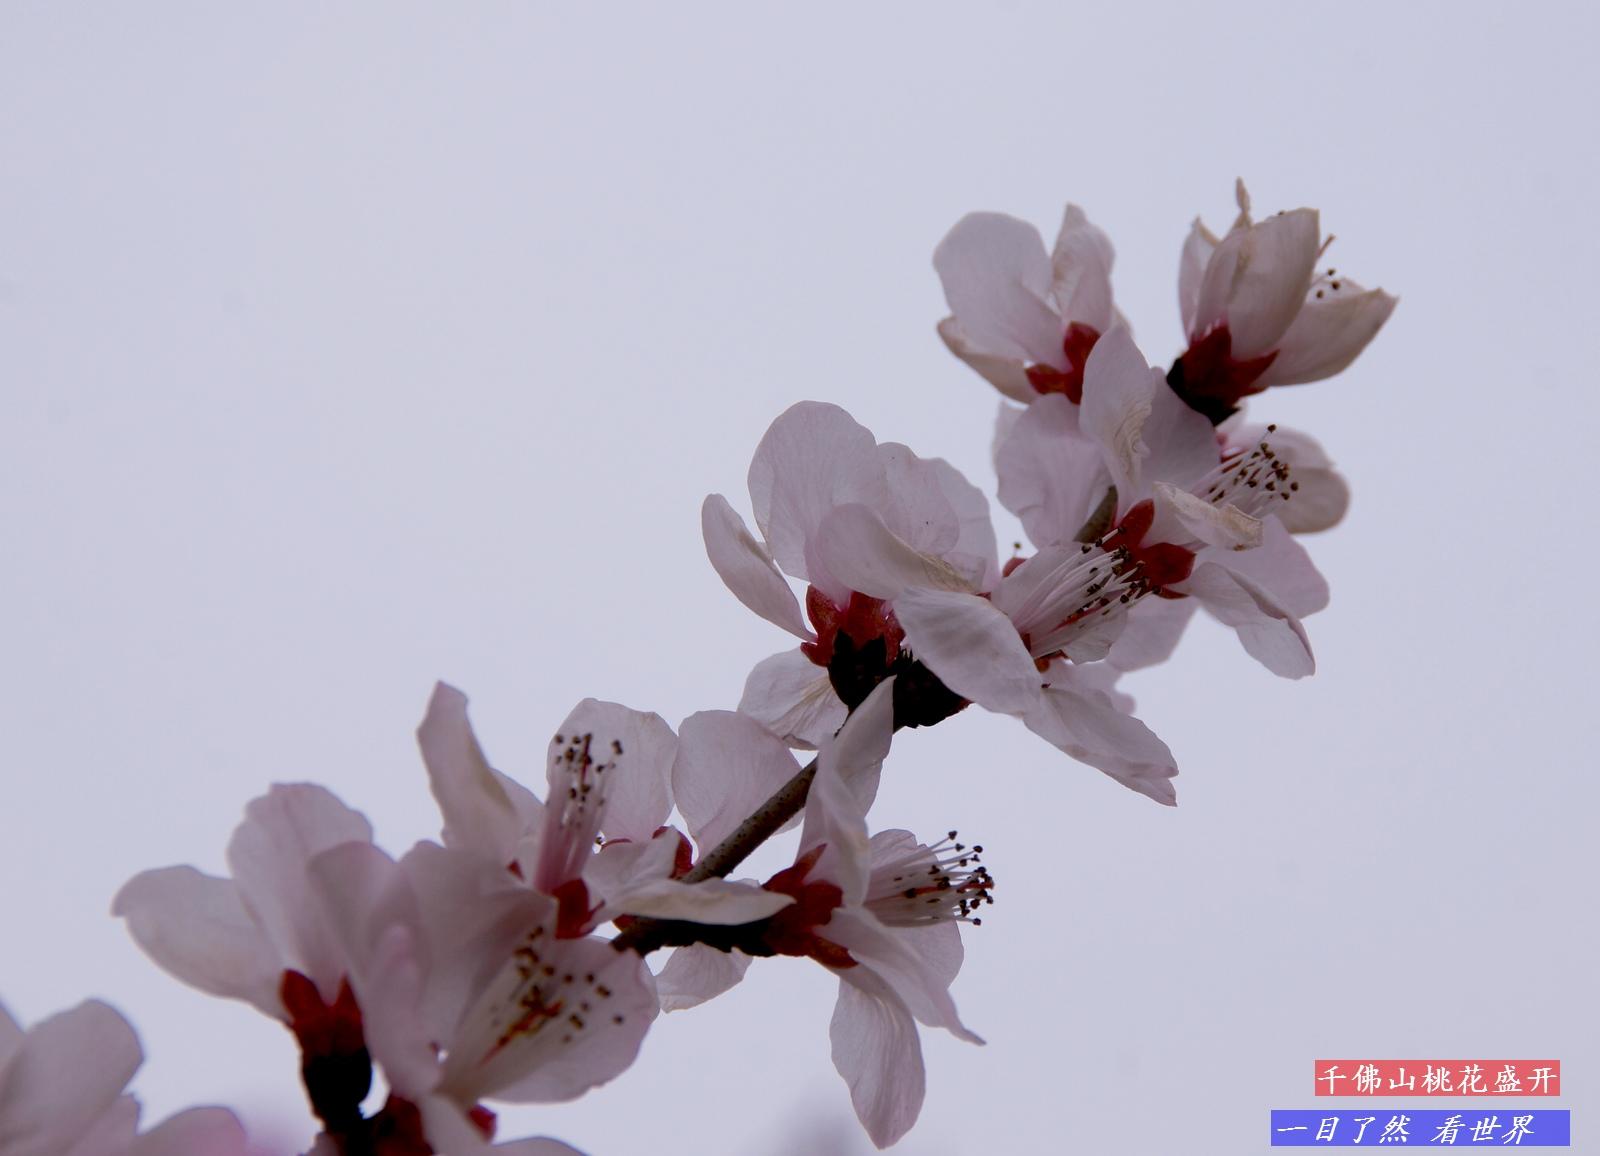 千佛山迎春花-桃花盛开-22-1600.jpg